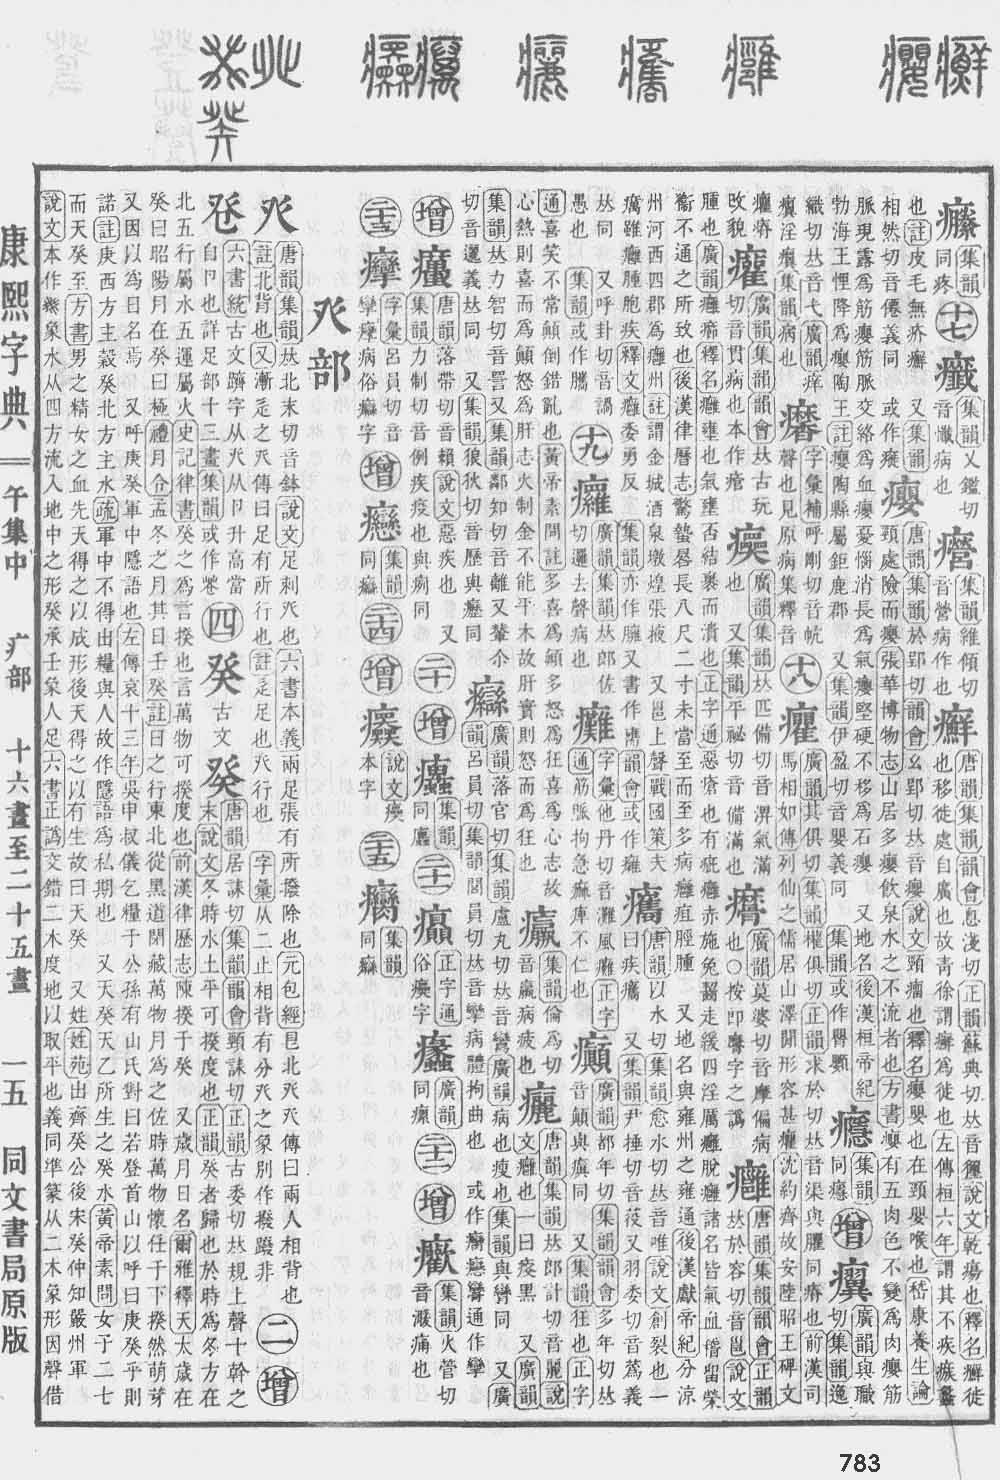 《康熙字典》第783页